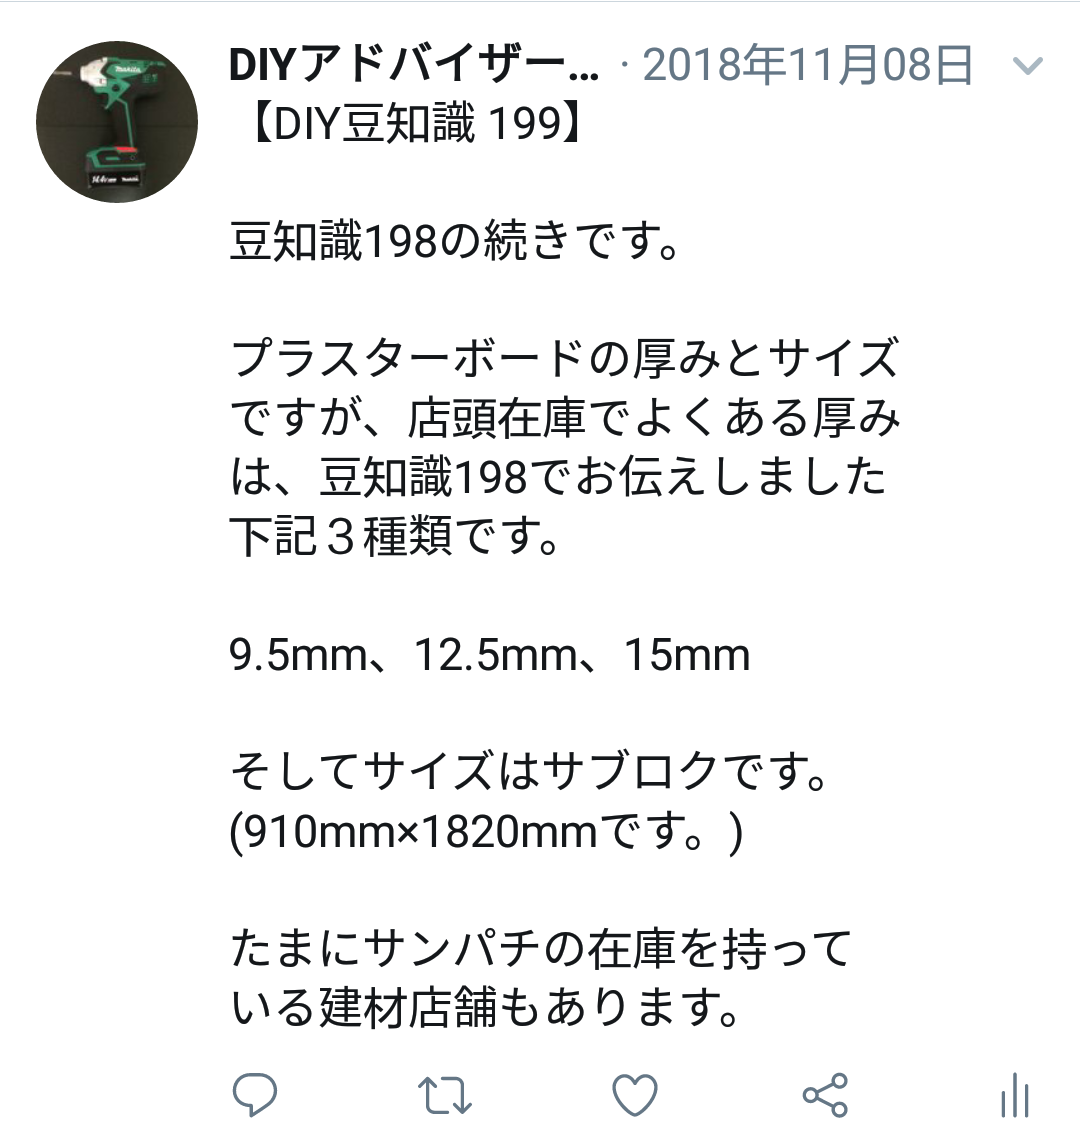 f:id:DIY33:20190407230826p:plain